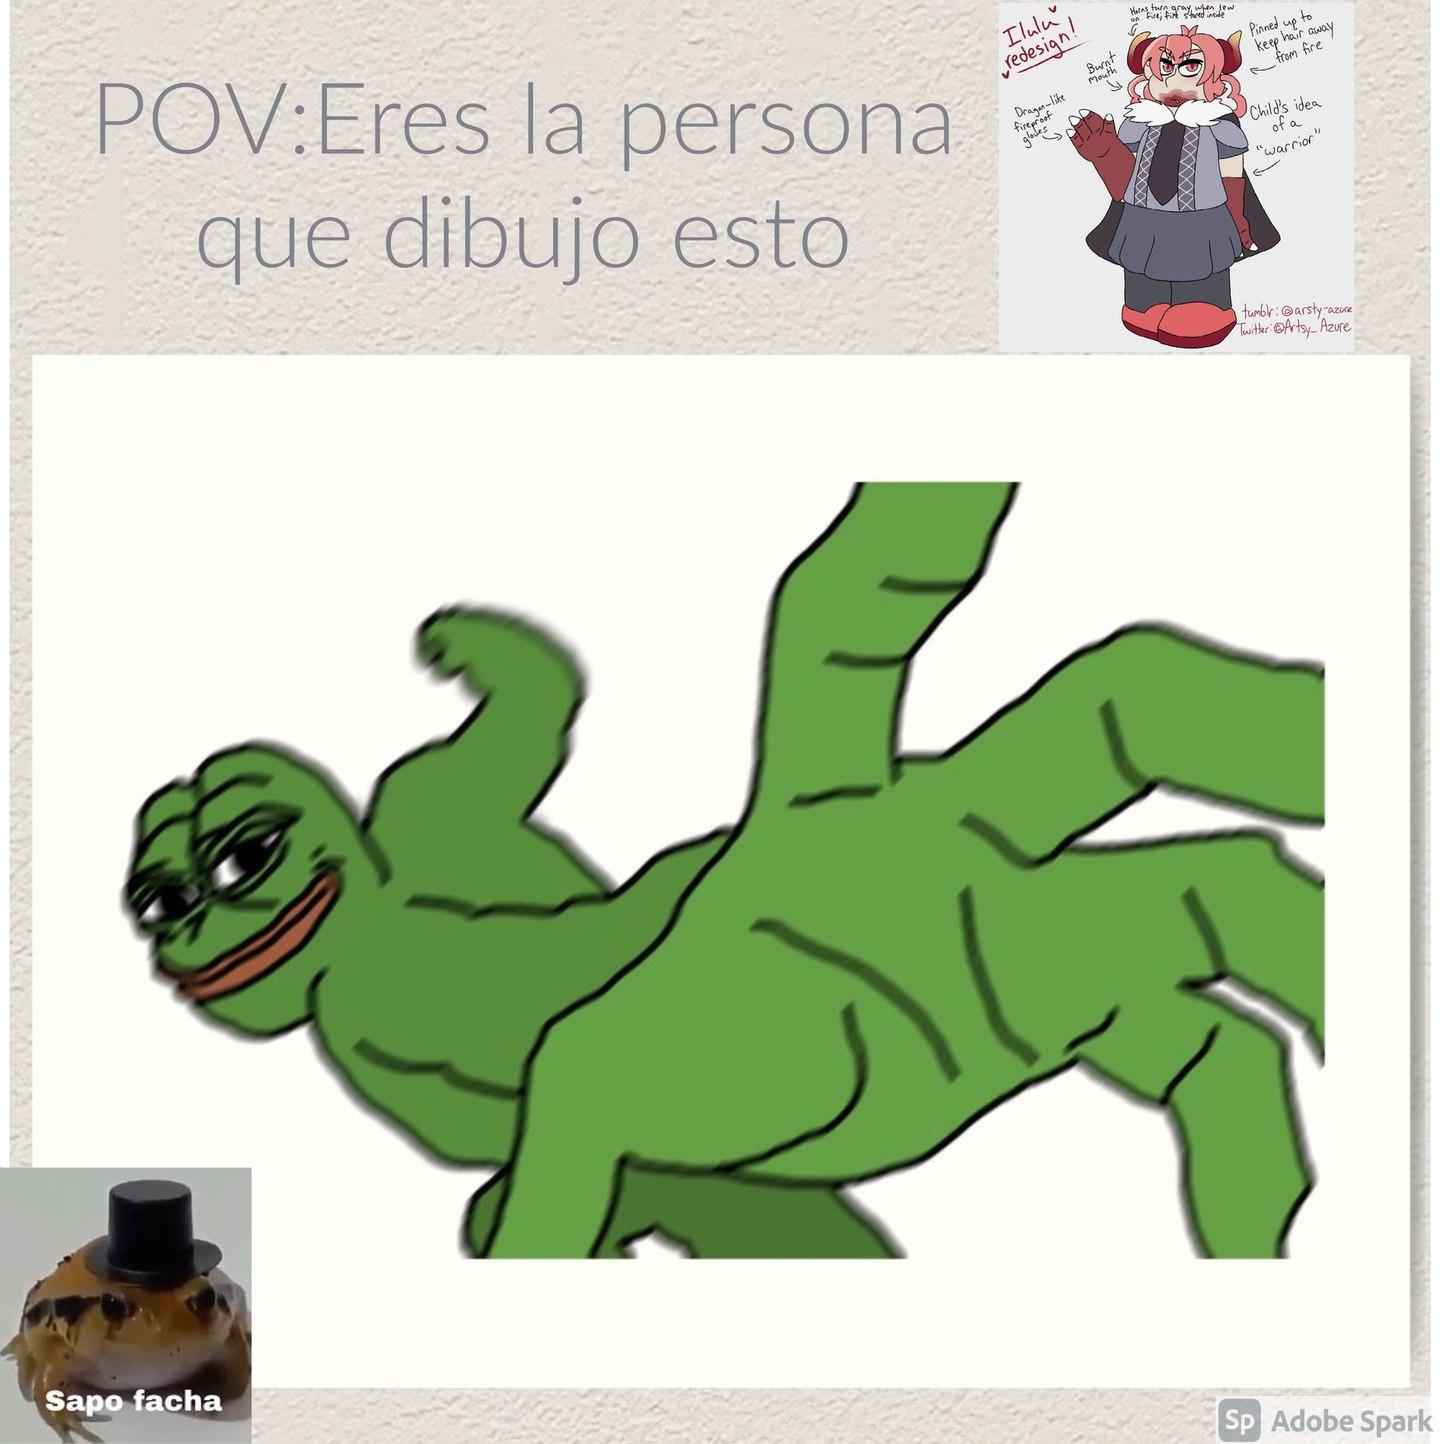 Mi primer POV - meme